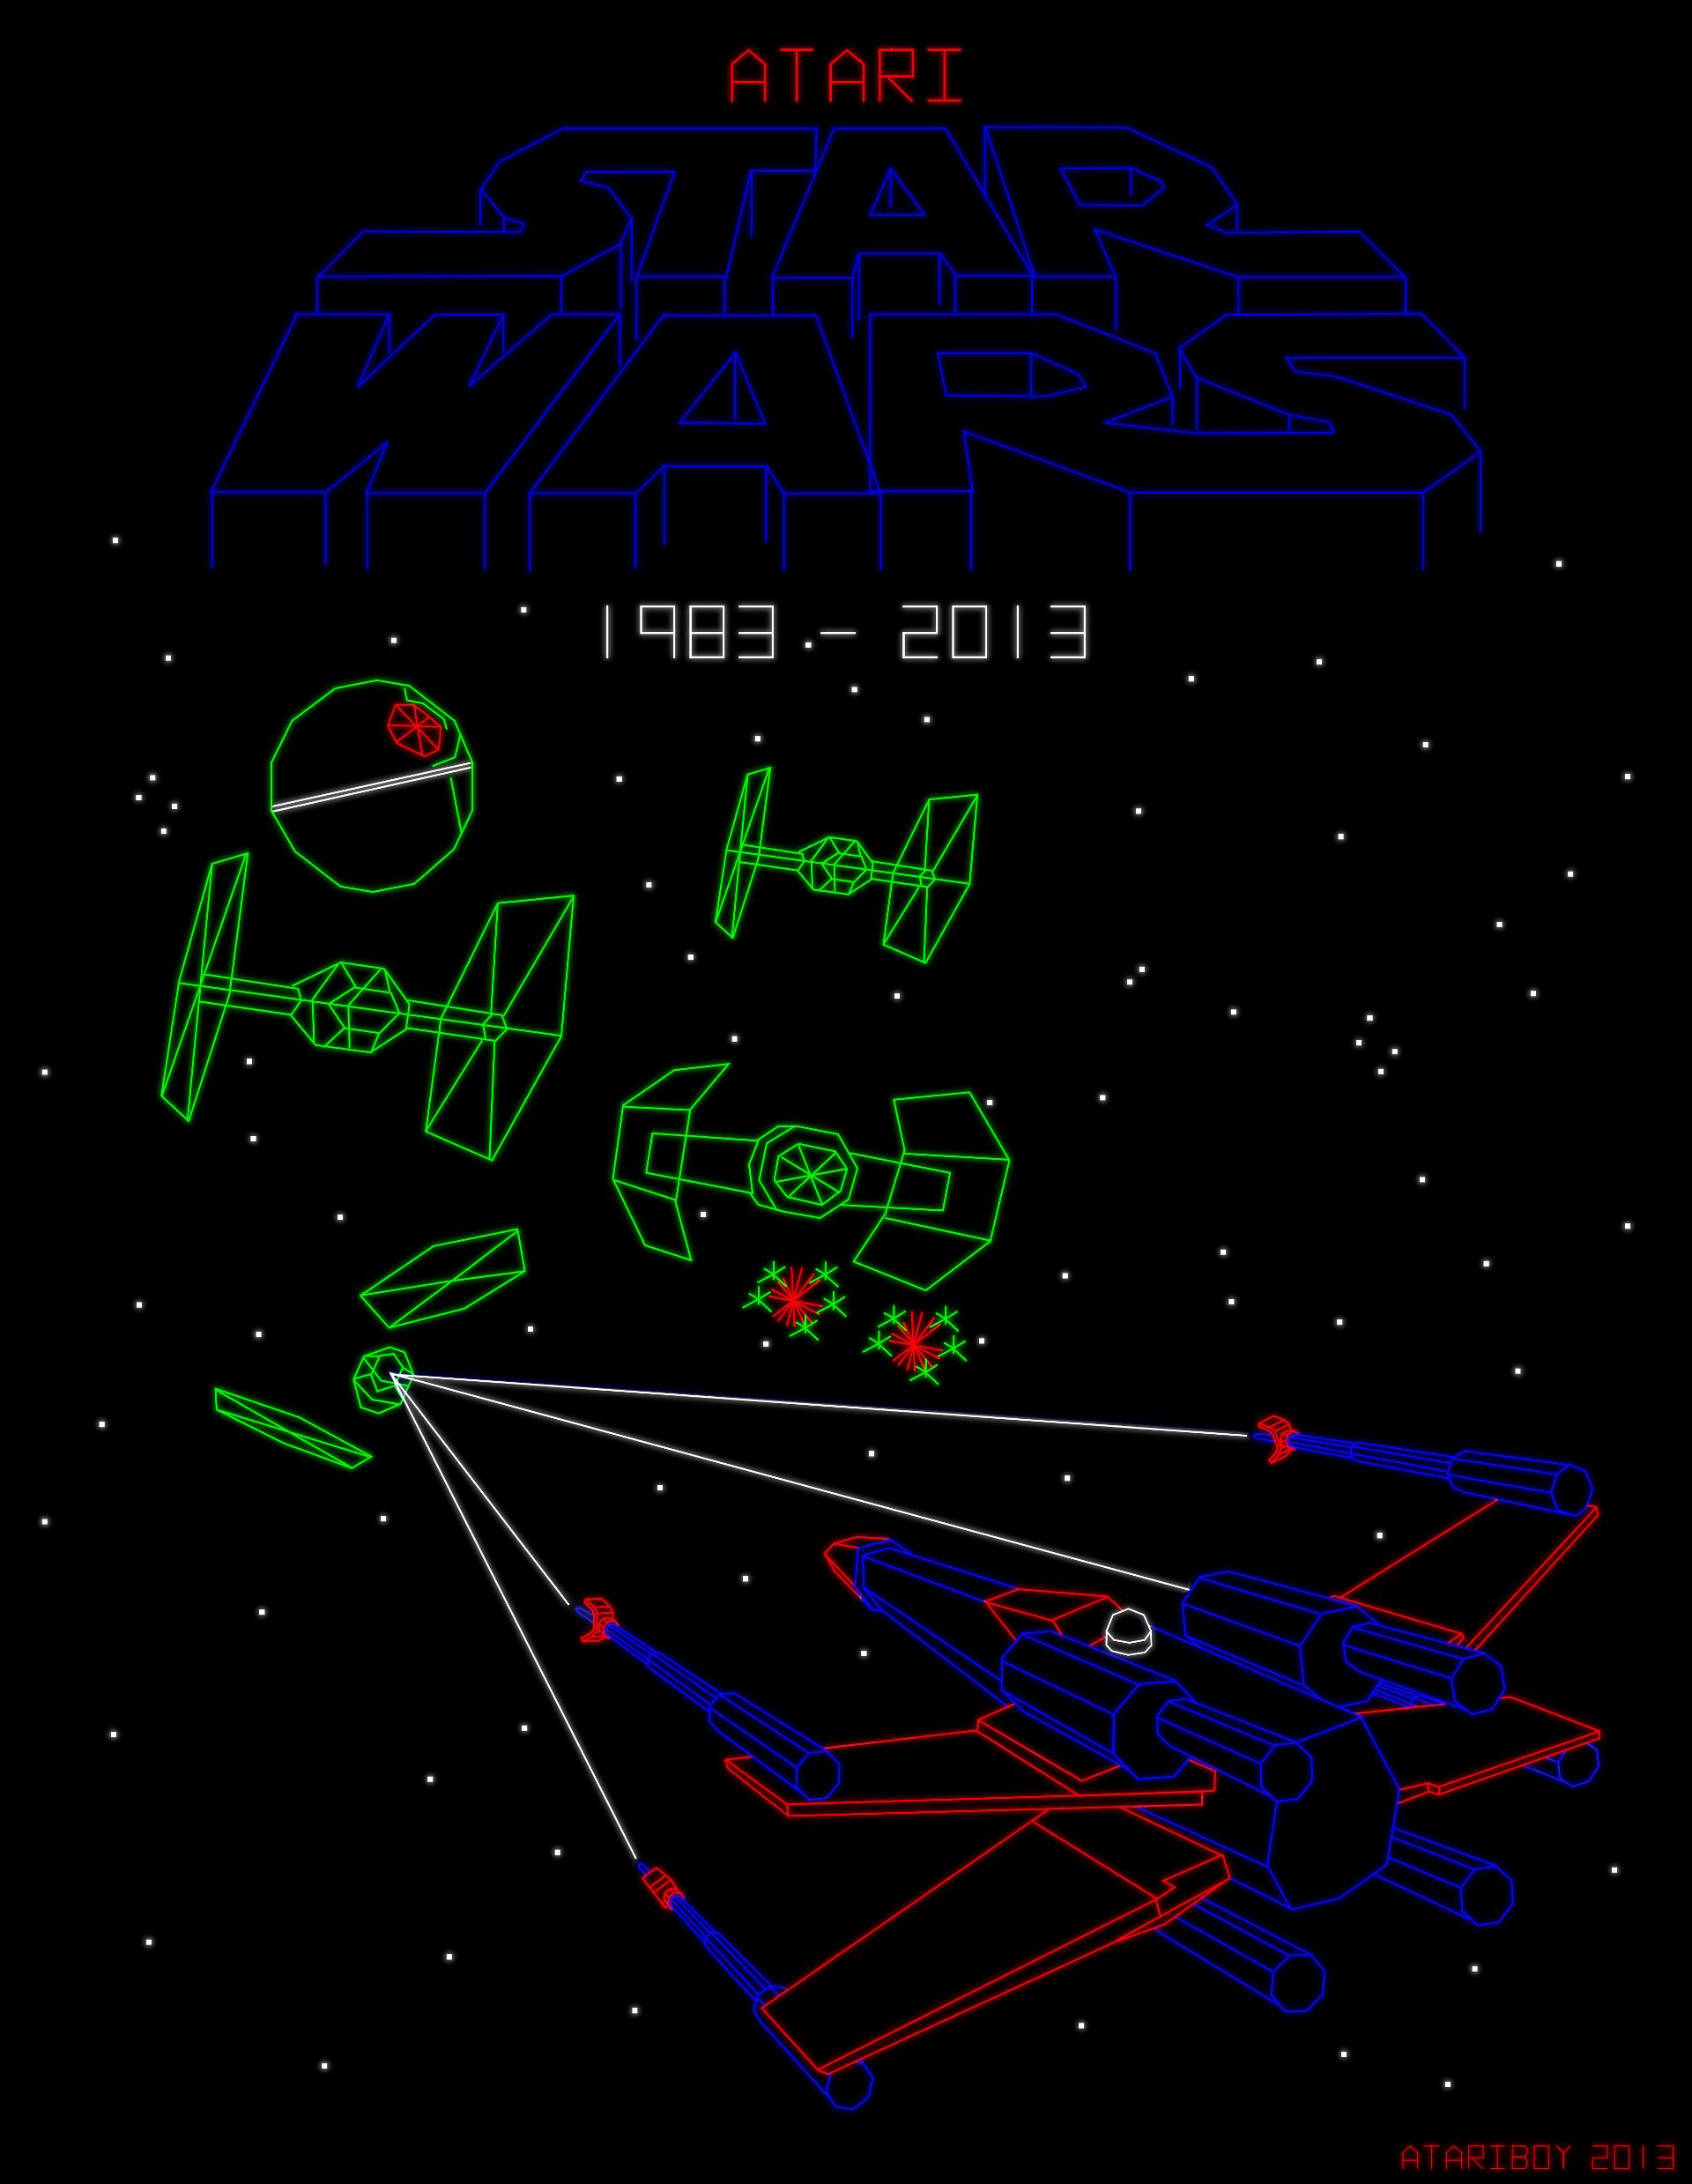 1920x2478 Atari Star Wars Arcade